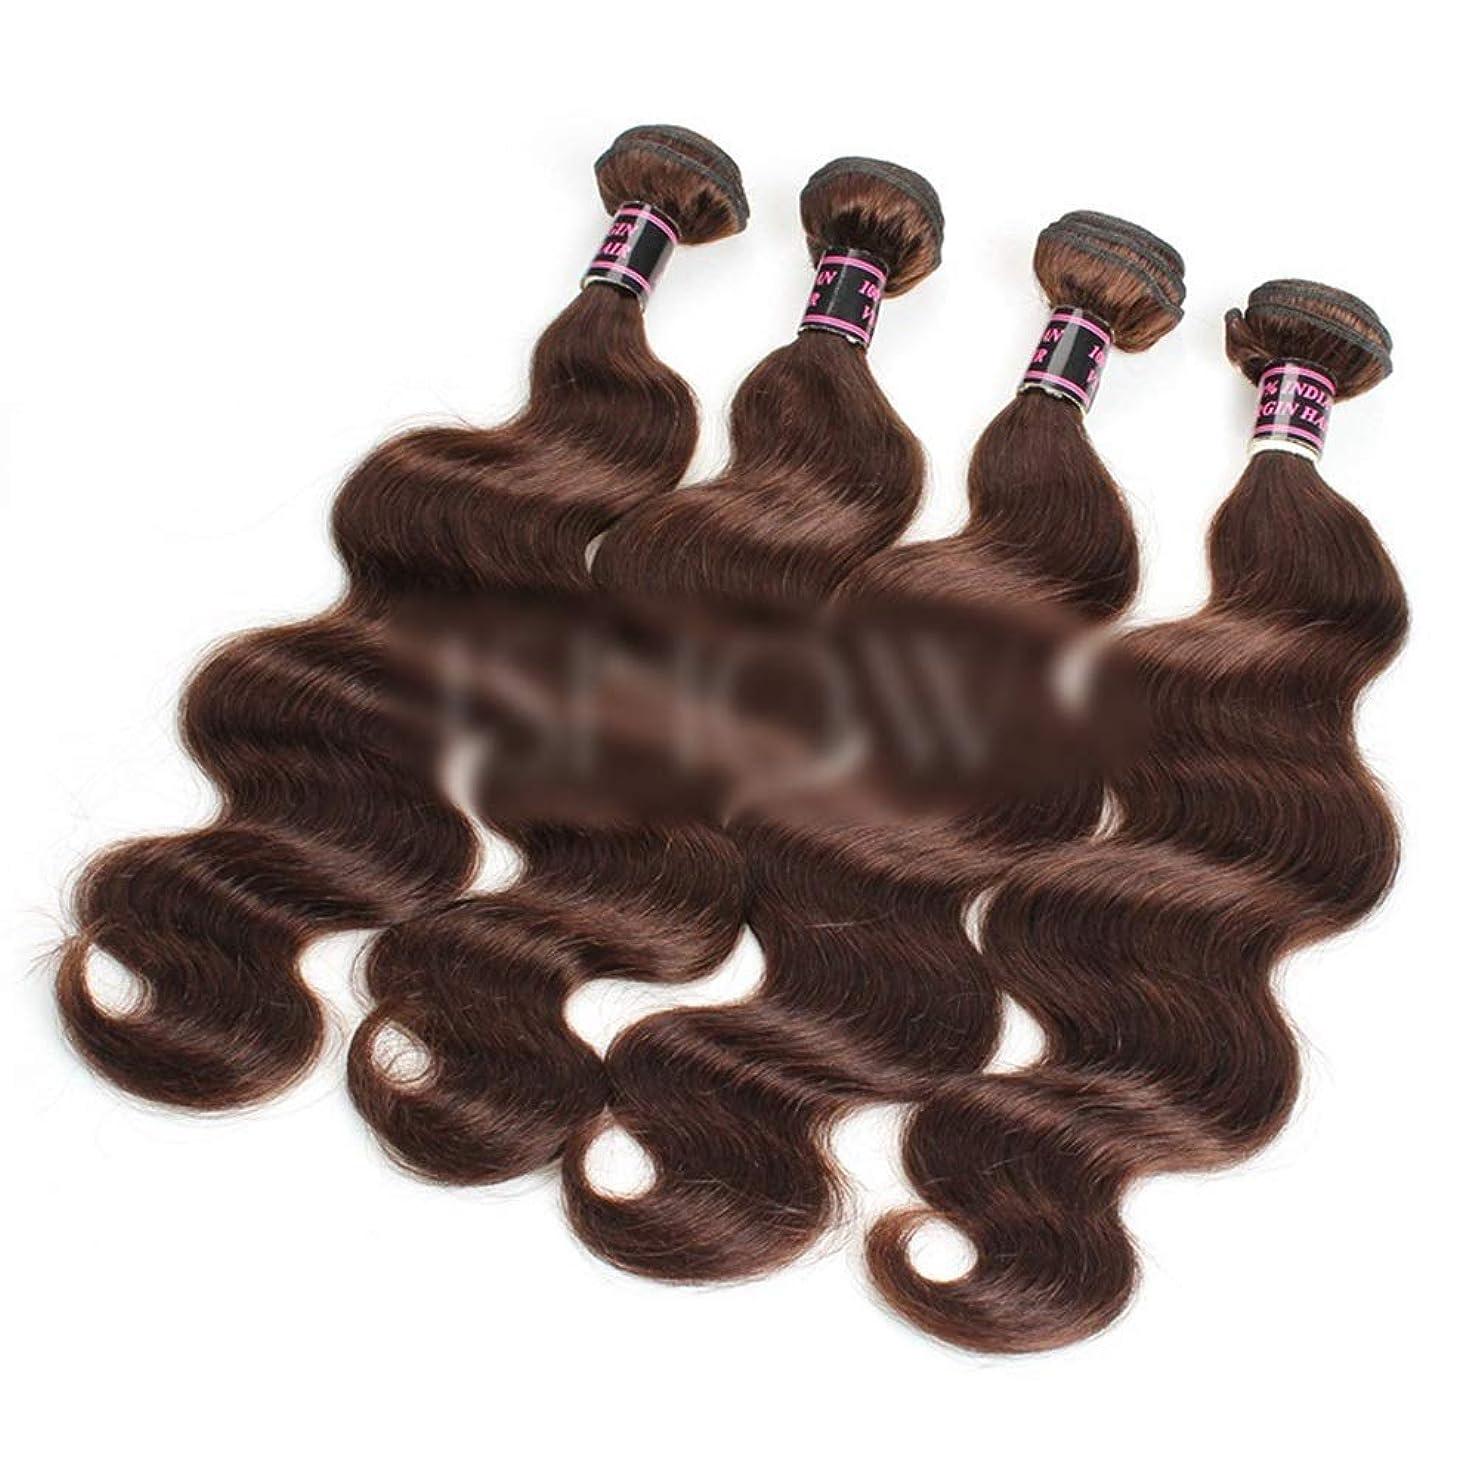 何か仕事に行くラップトップYESONEEP 28インチブラジル実体波髪織りダークブラウン巻き毛延長用女性ビッグウェーブウィッグ (色 : ブラウン, サイズ : 28 inch)